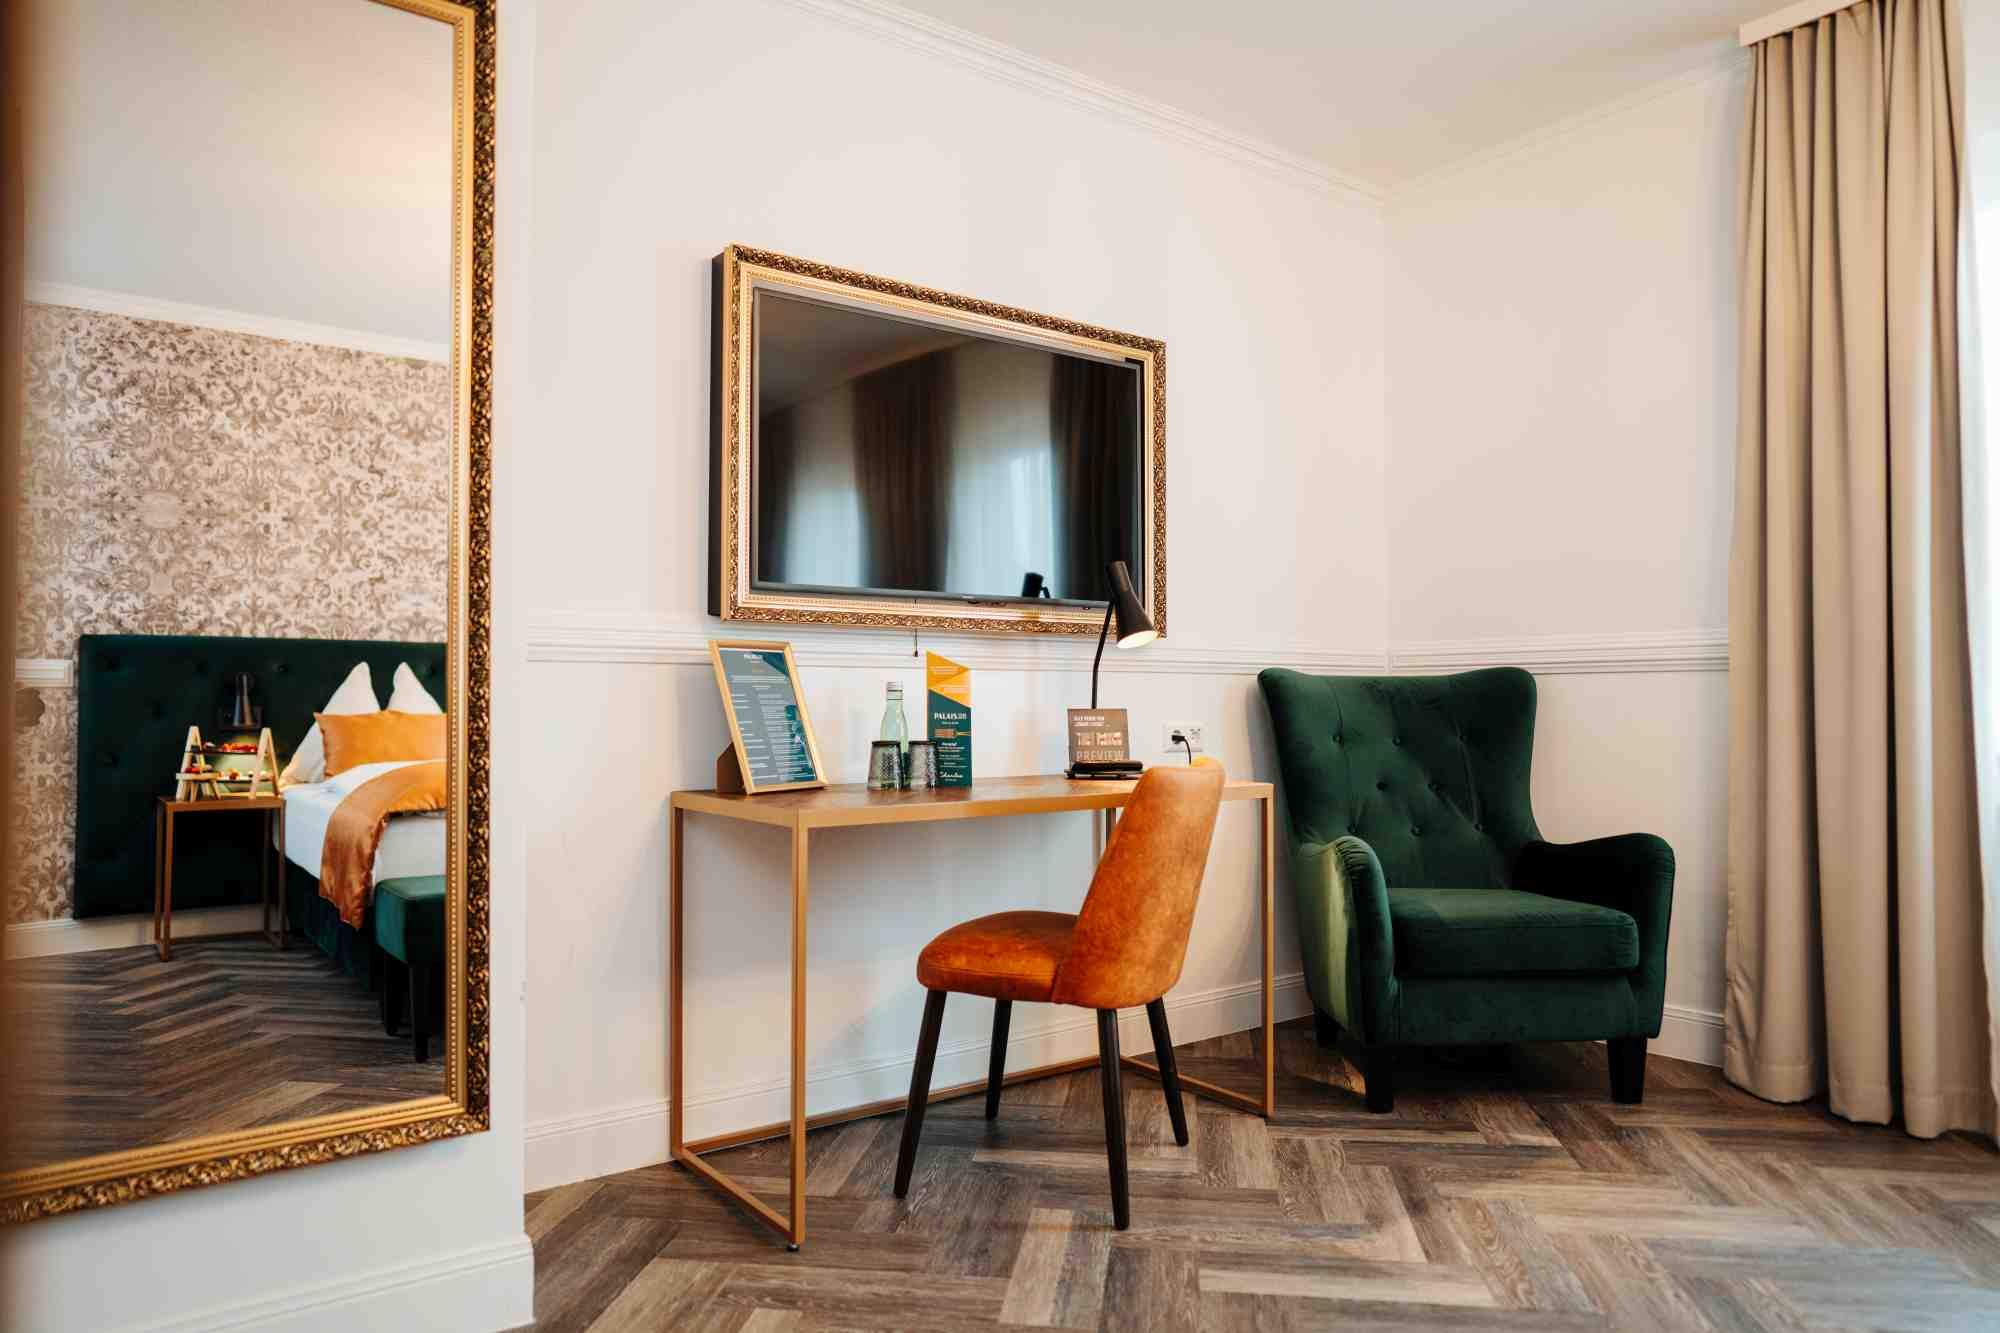 schreibtisch und spiegel im superior doppelzimmer hotel palais26 villach